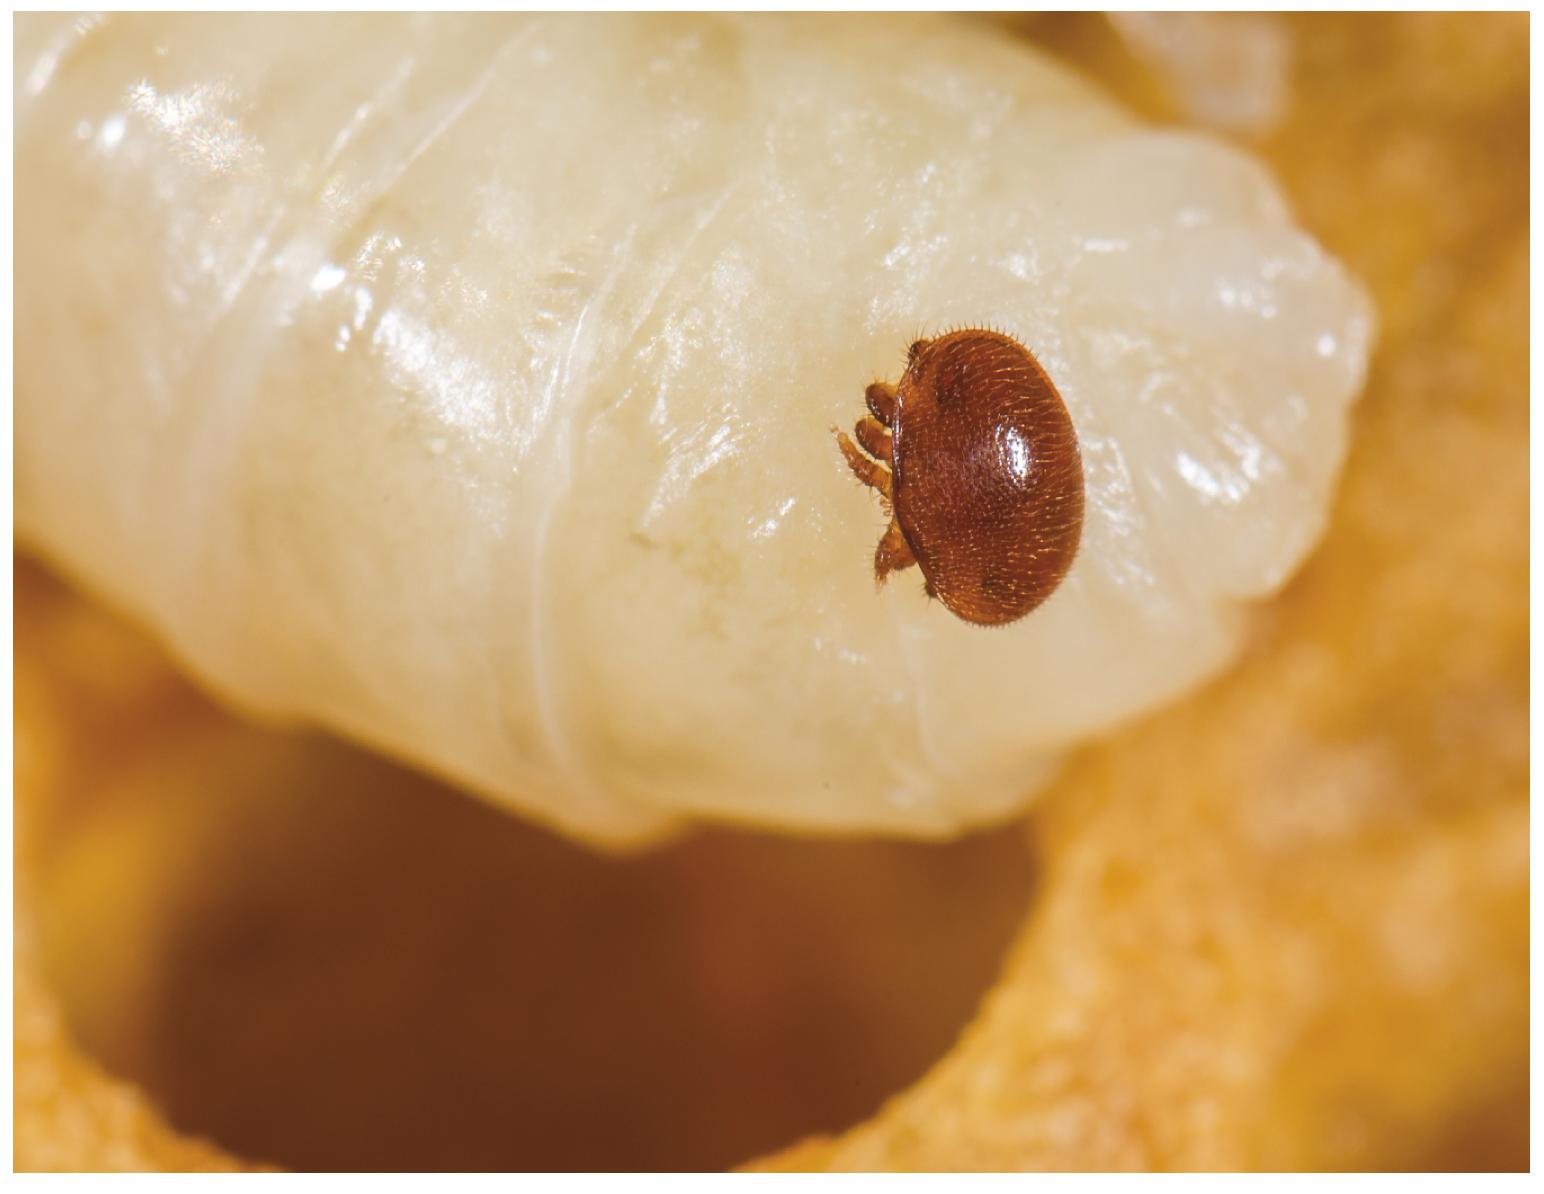 Varroa mite on a honey bee pupa